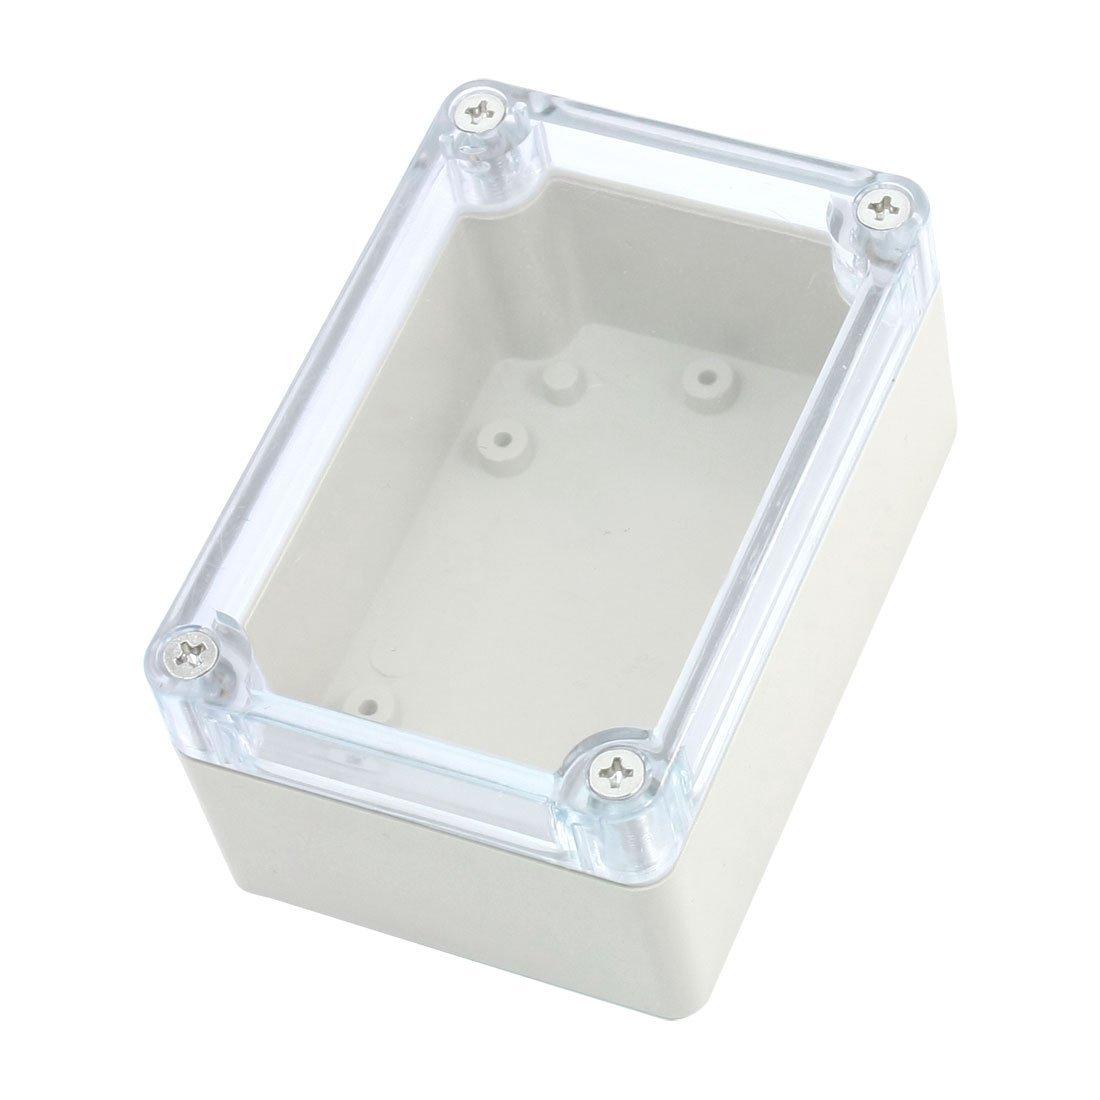 SNOWINSPRING Boitier de fermeture a vis et en caoutchouc etanche Boite de jonction etanche 100x68x50mm